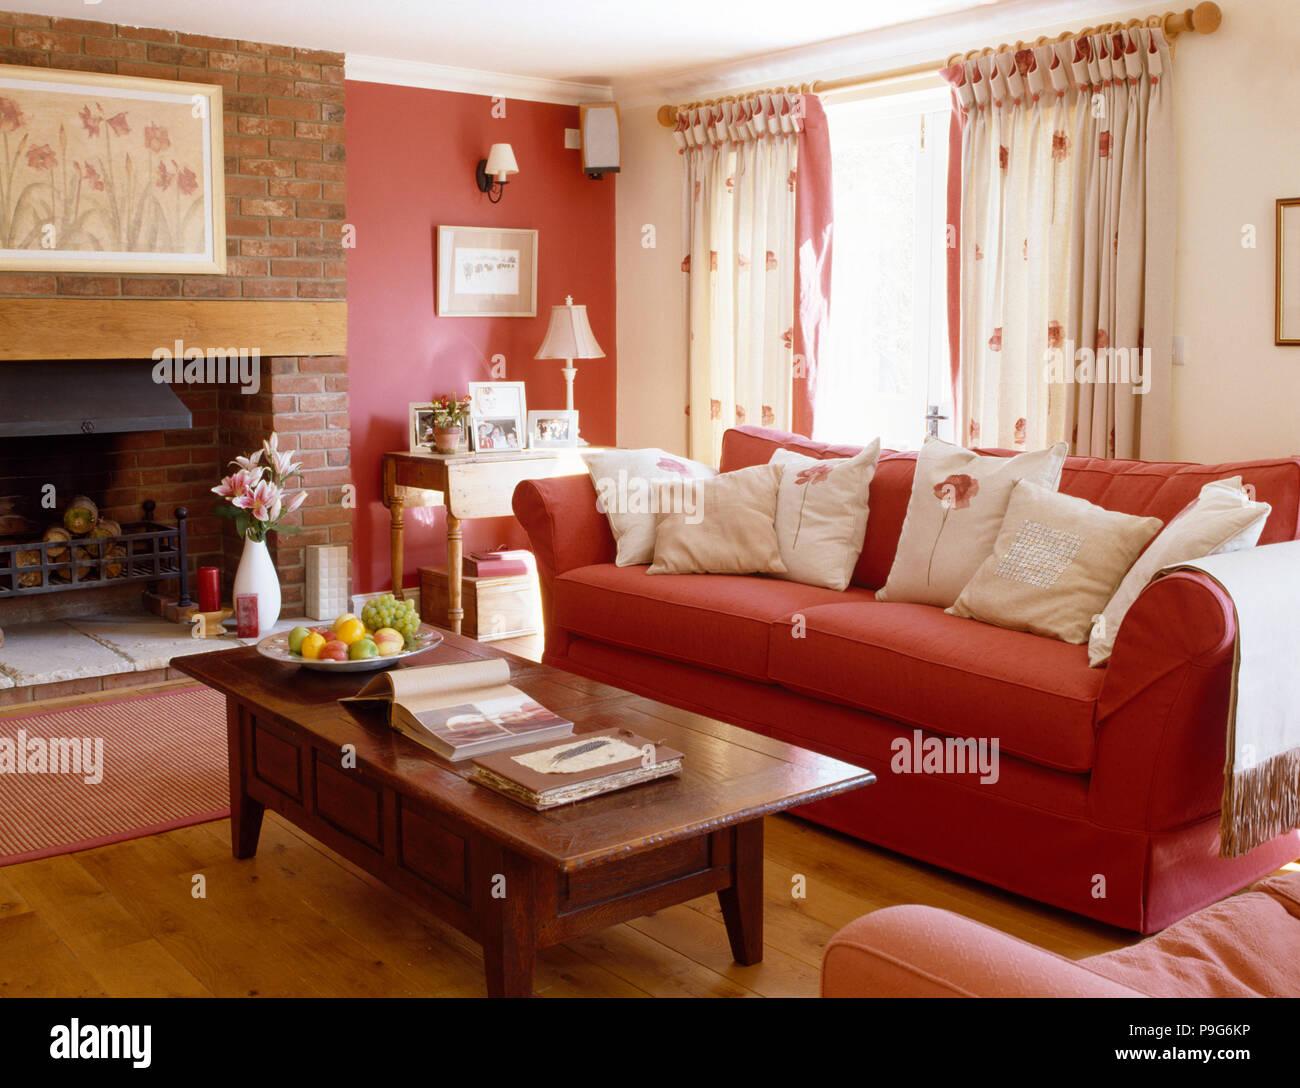 Wohnzimmer Mit Roter Wand | Steinwand Naturstein Wandgestaltung ...